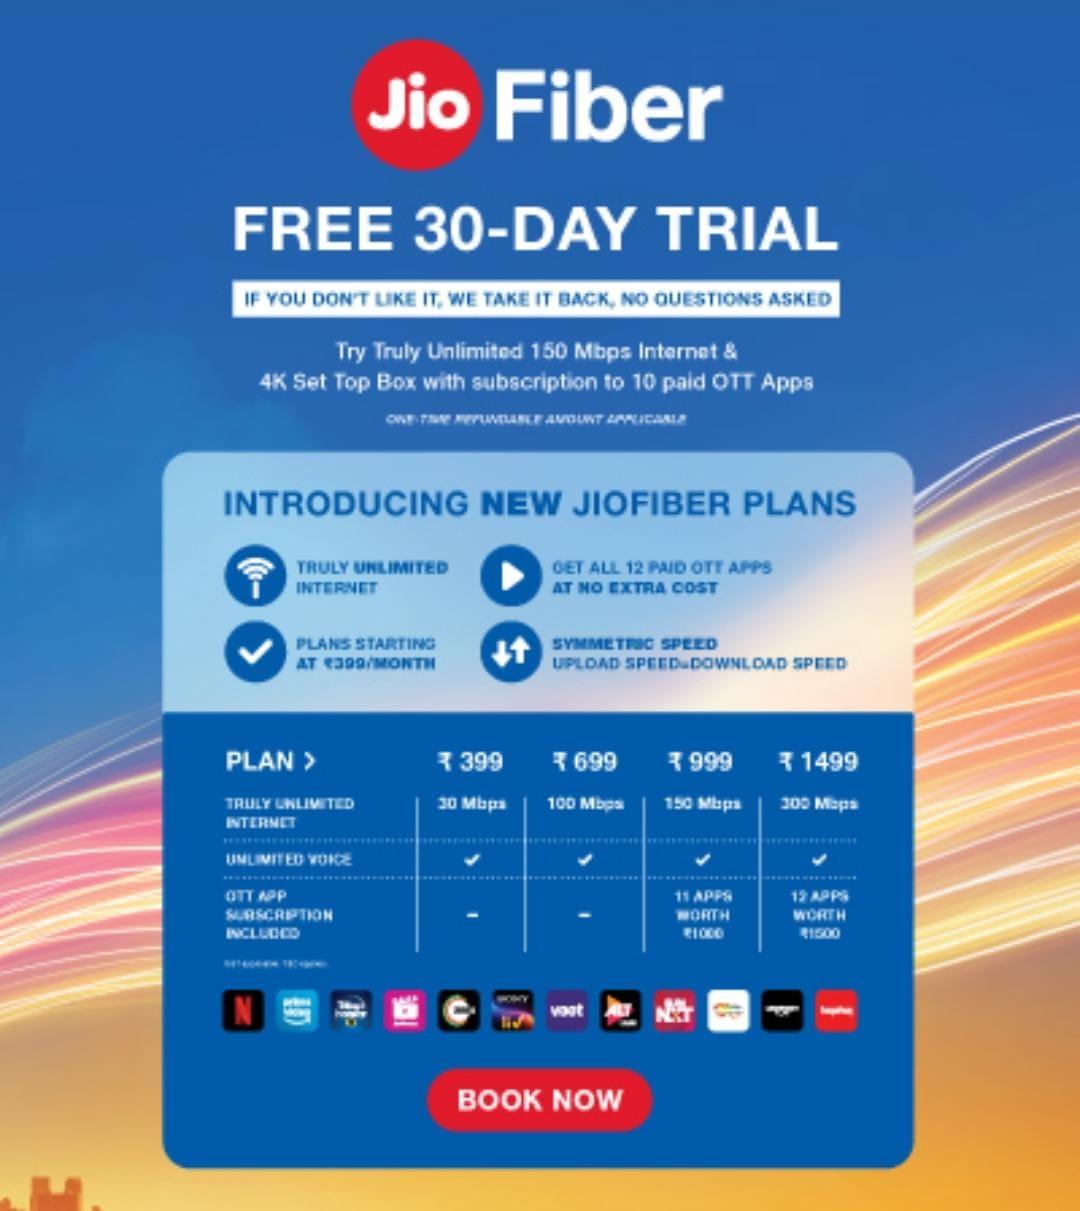 jio fiber free 30 dayd trail